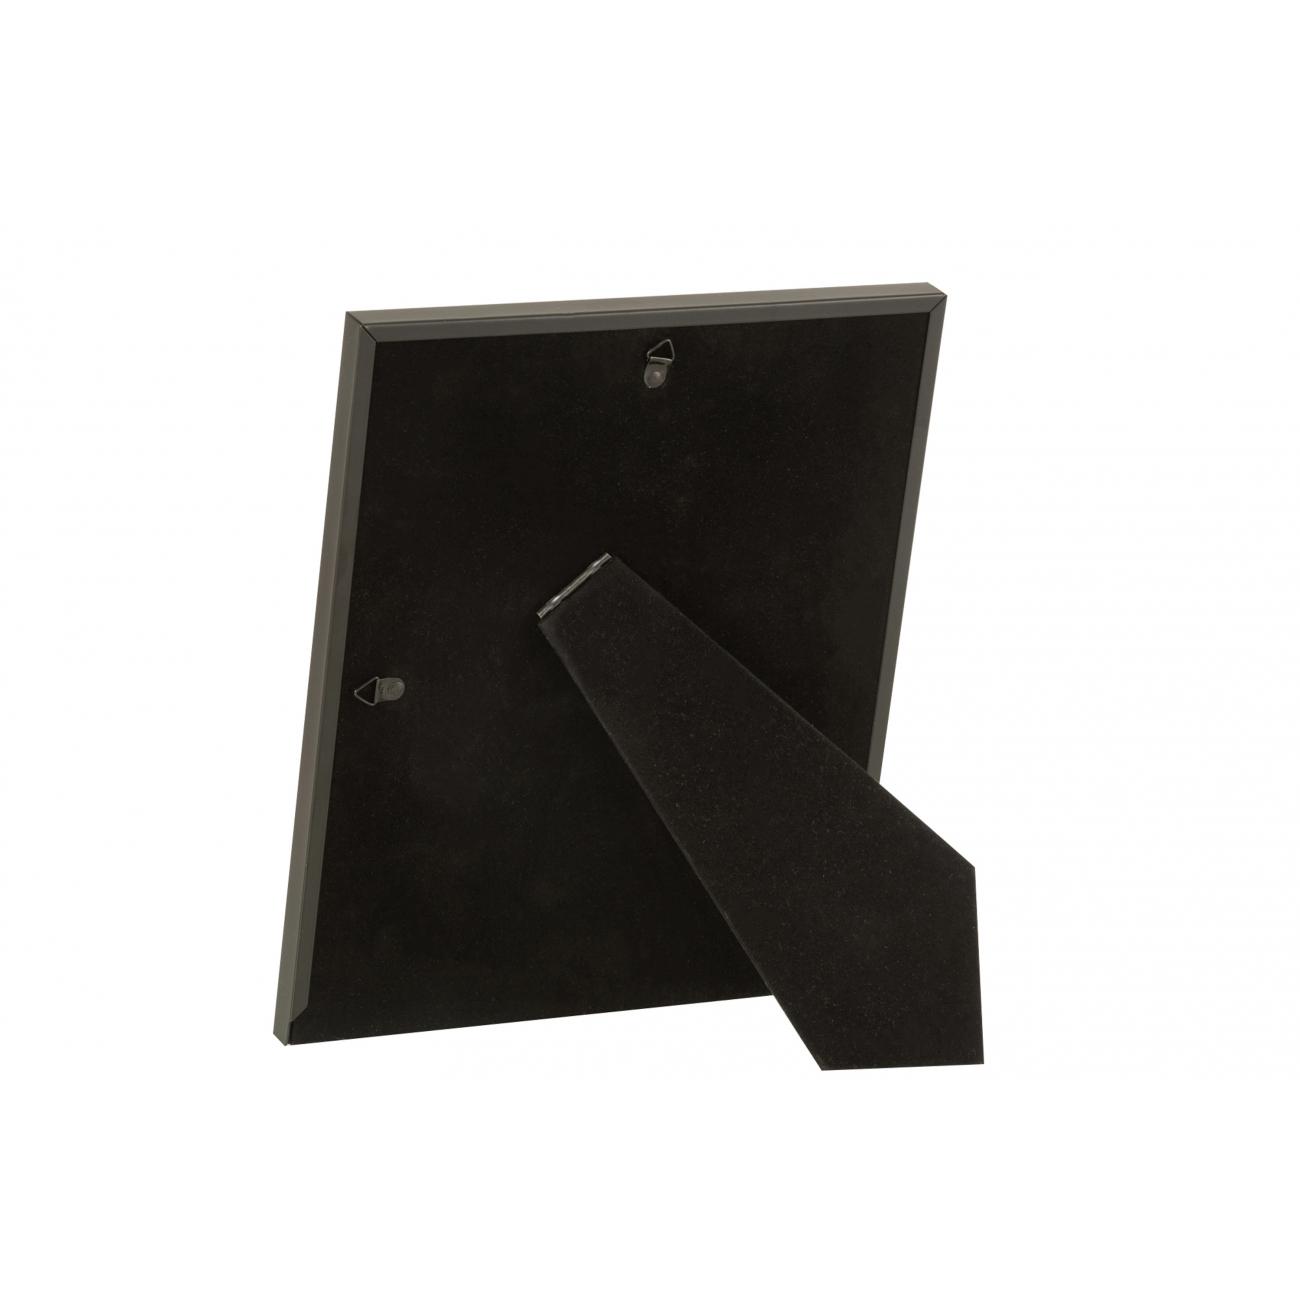 Фоторамка J-LINE металлическая матовая в черном цвете 20x25 см Бельгия